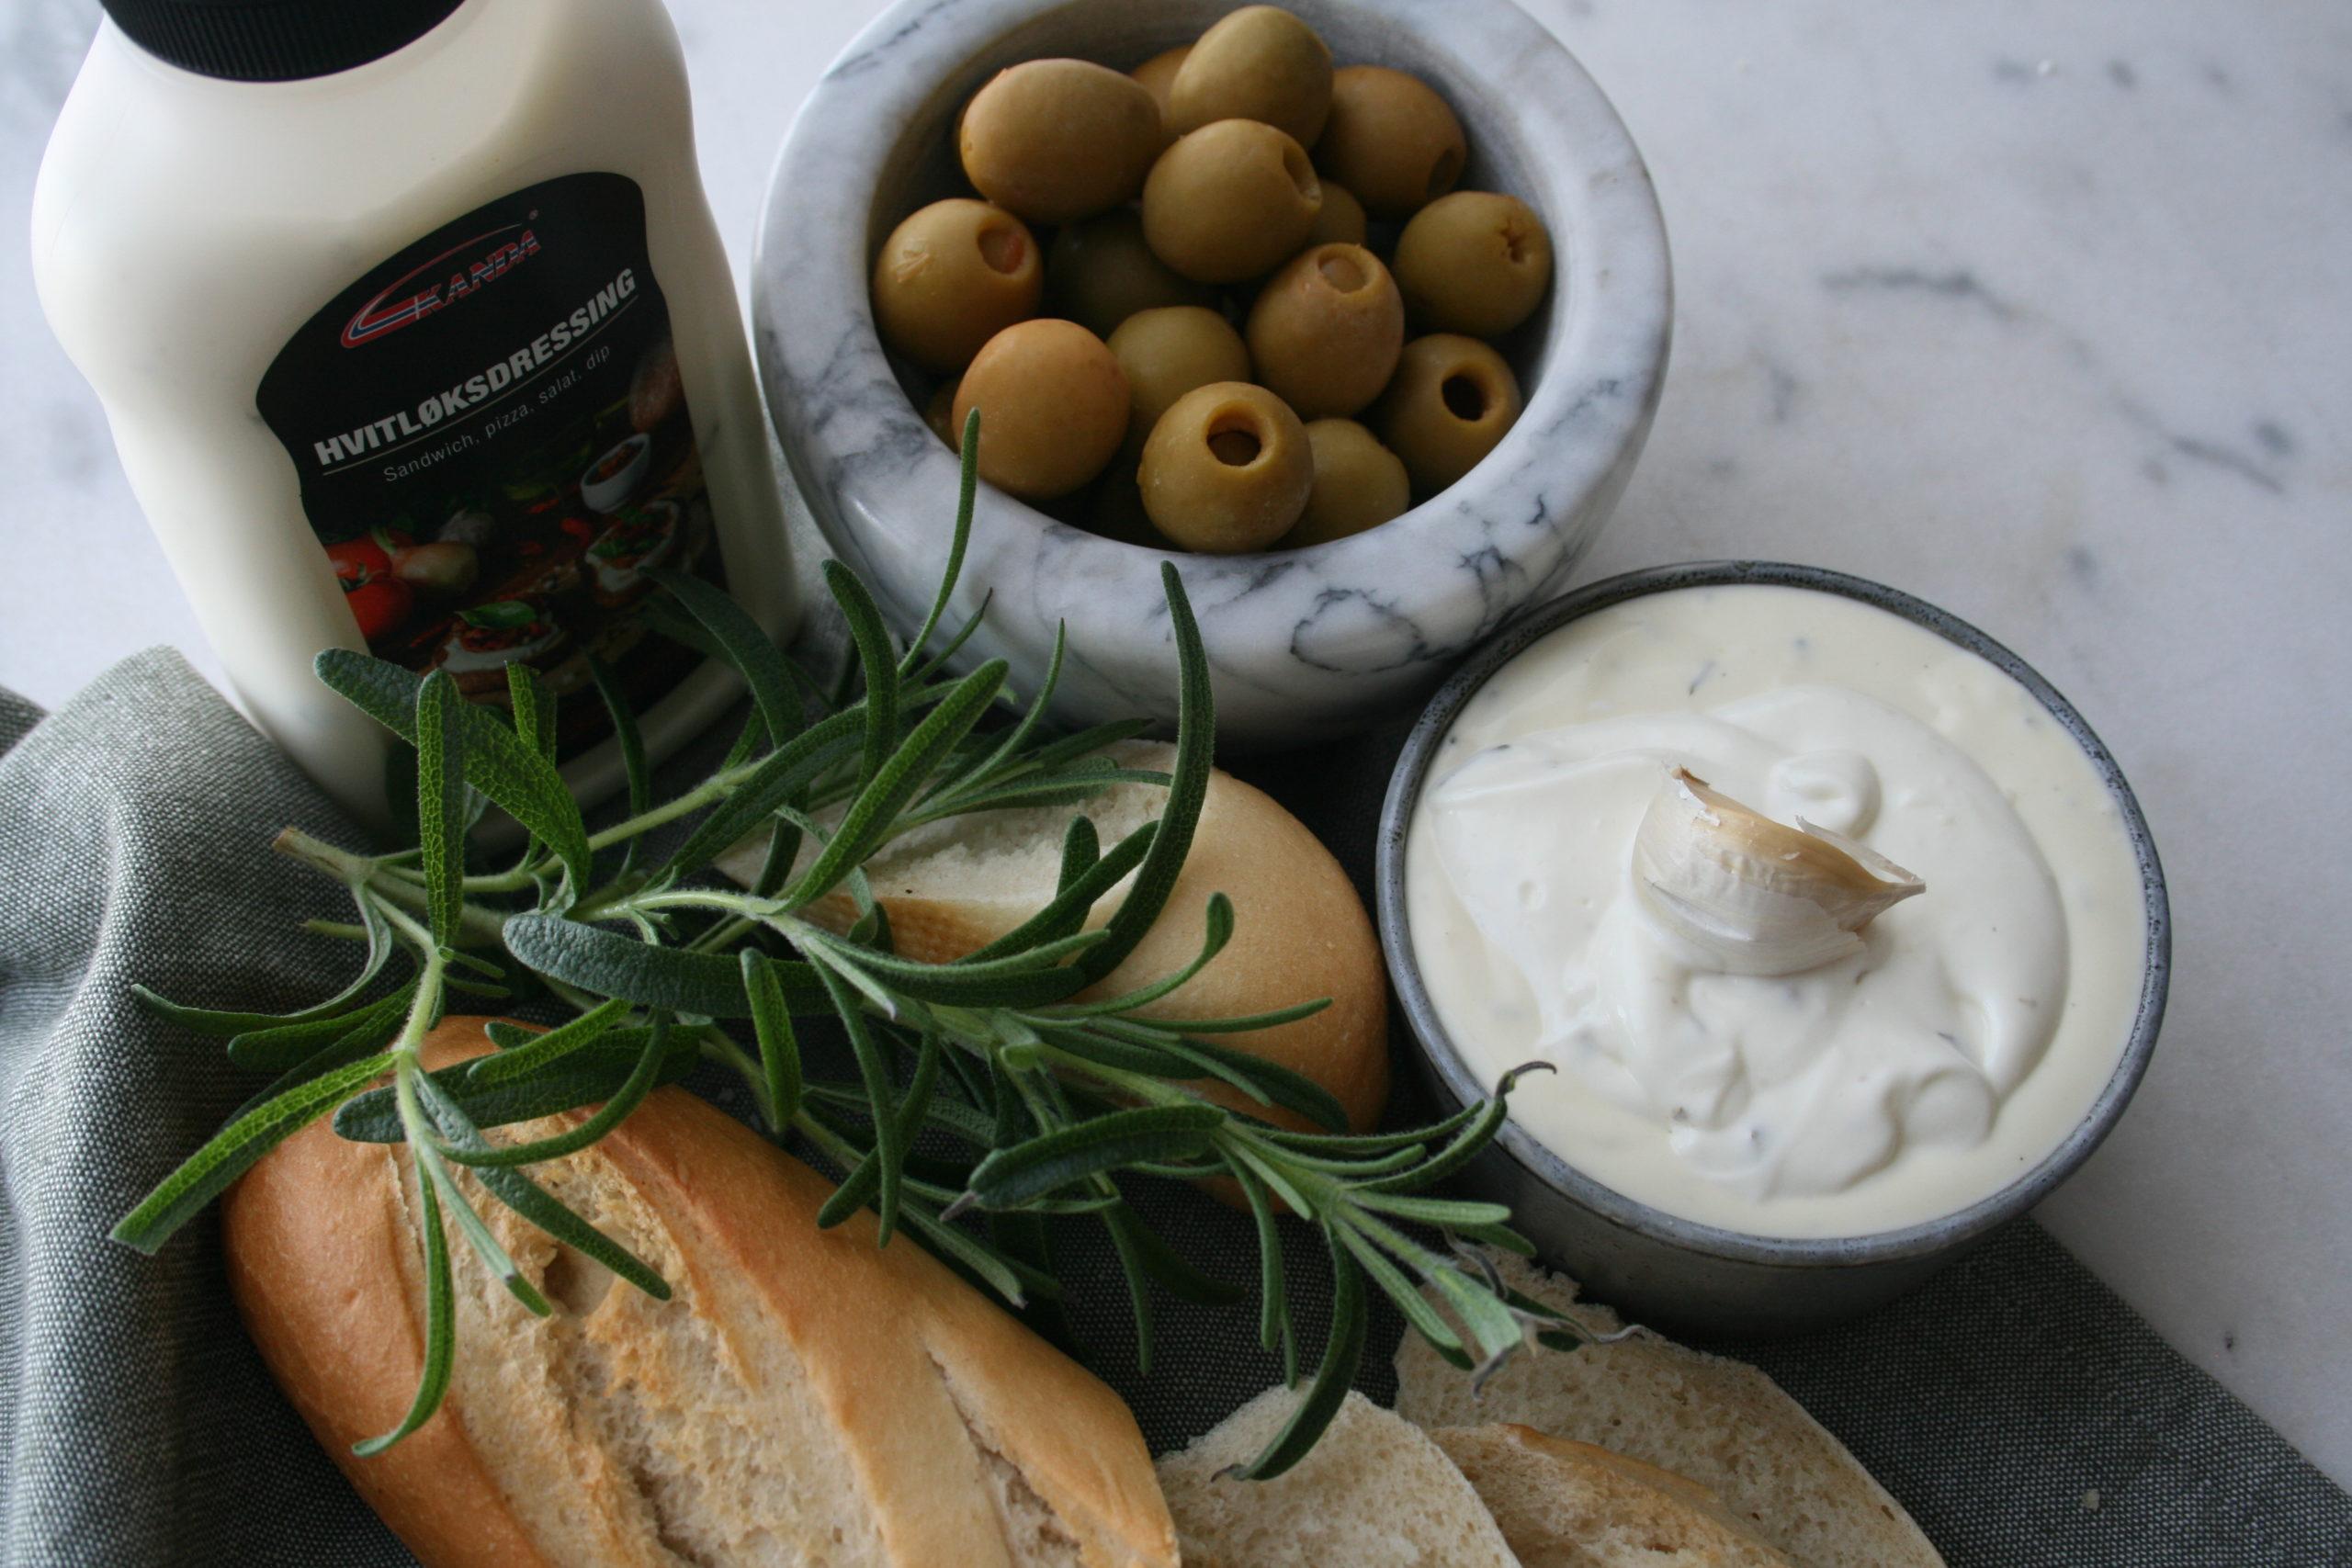 Hvitløksdressing og baguette med oliven